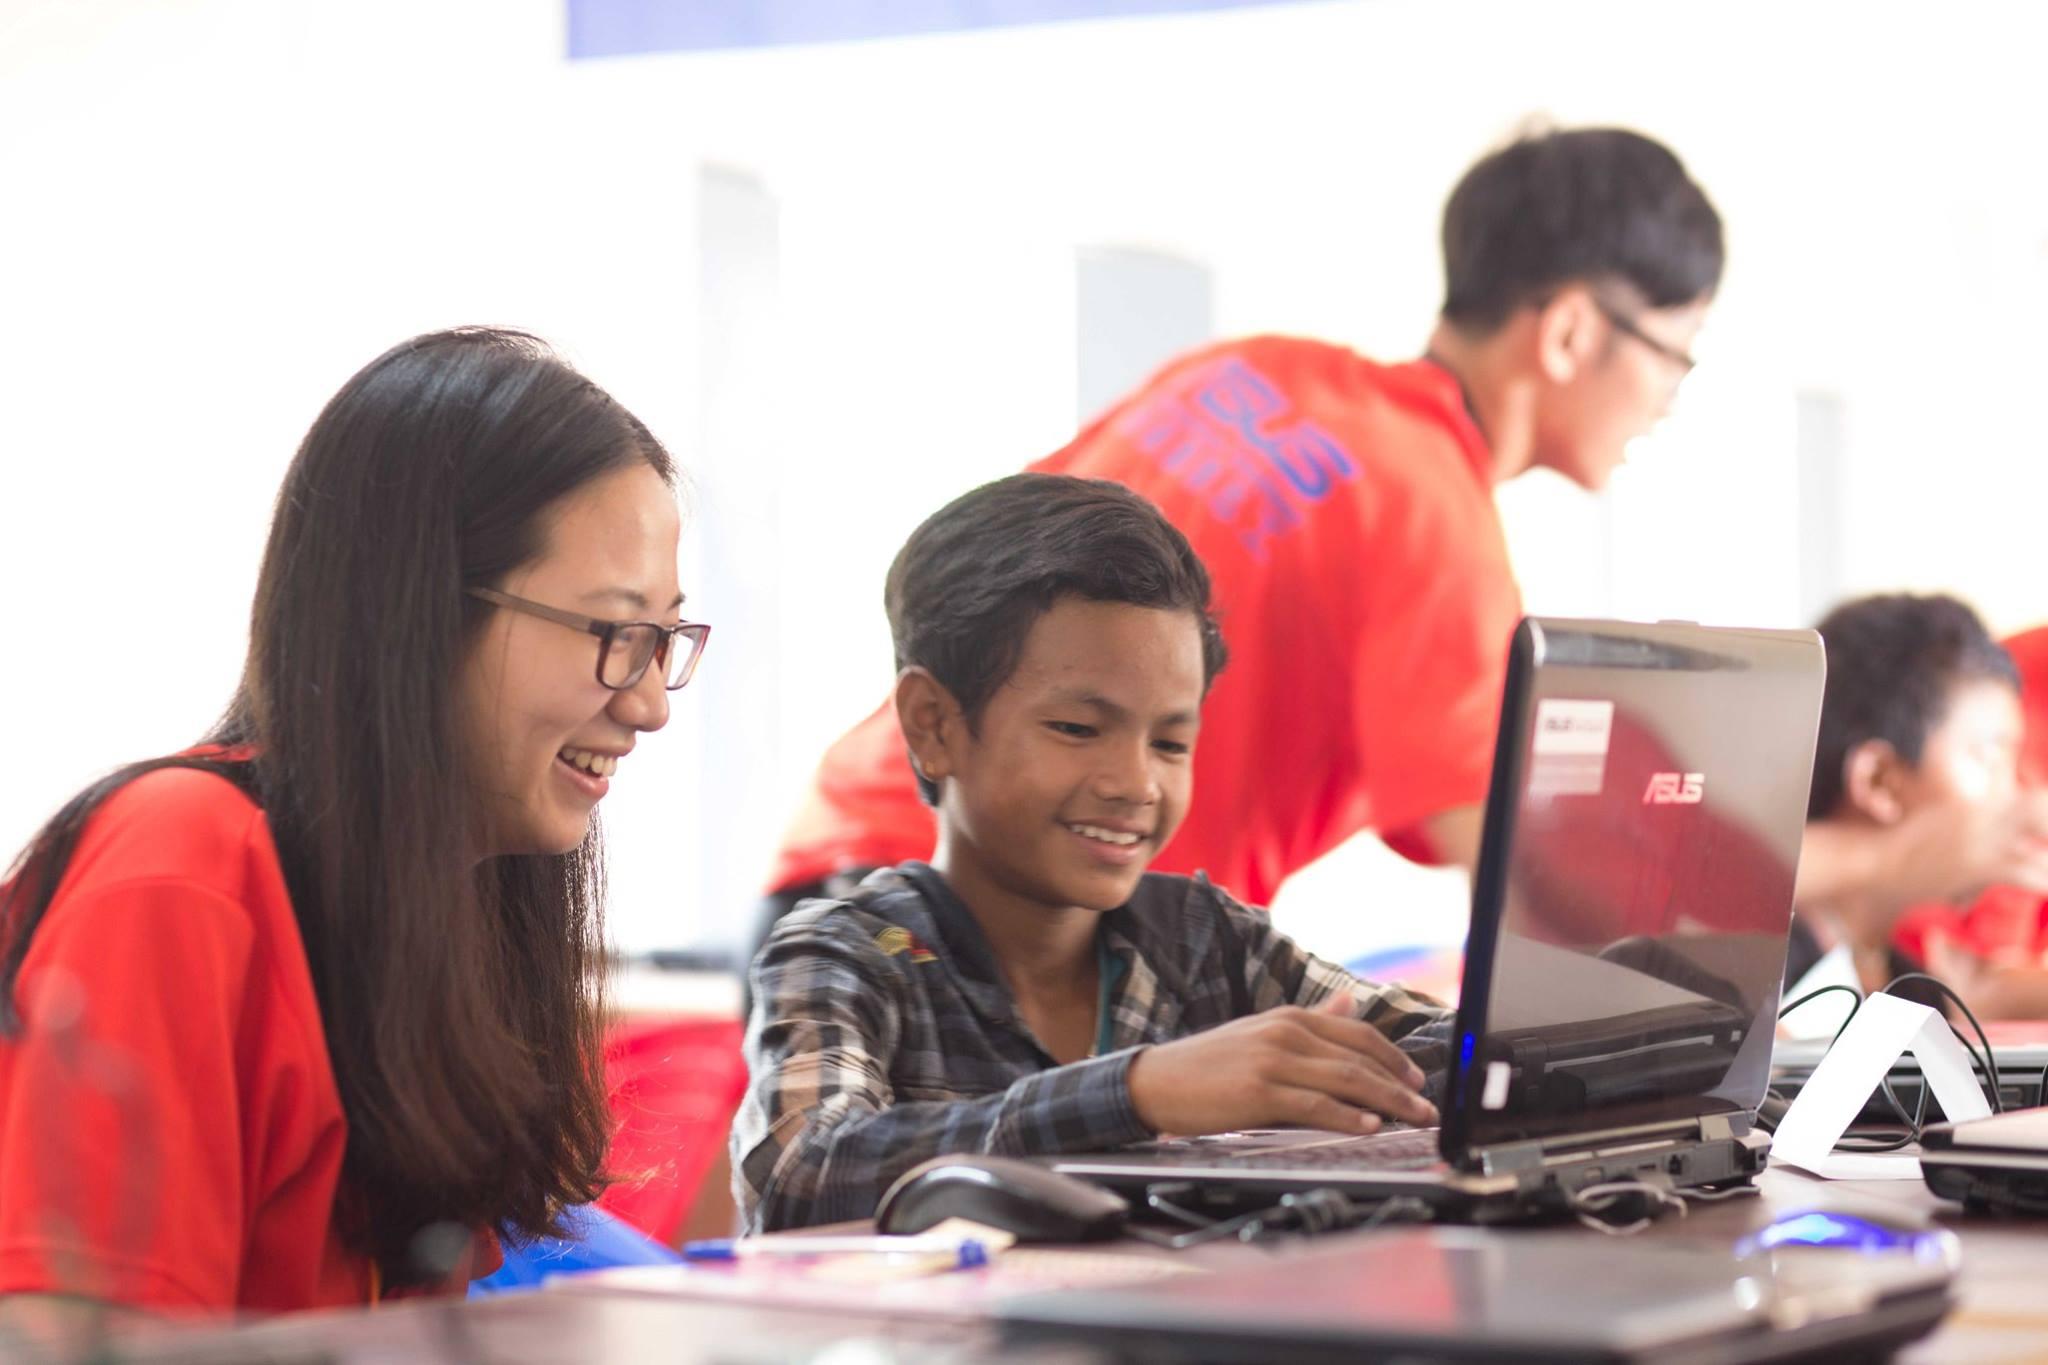 ※台生赴尼泊爾教電腦 學童徒步2小時來上課